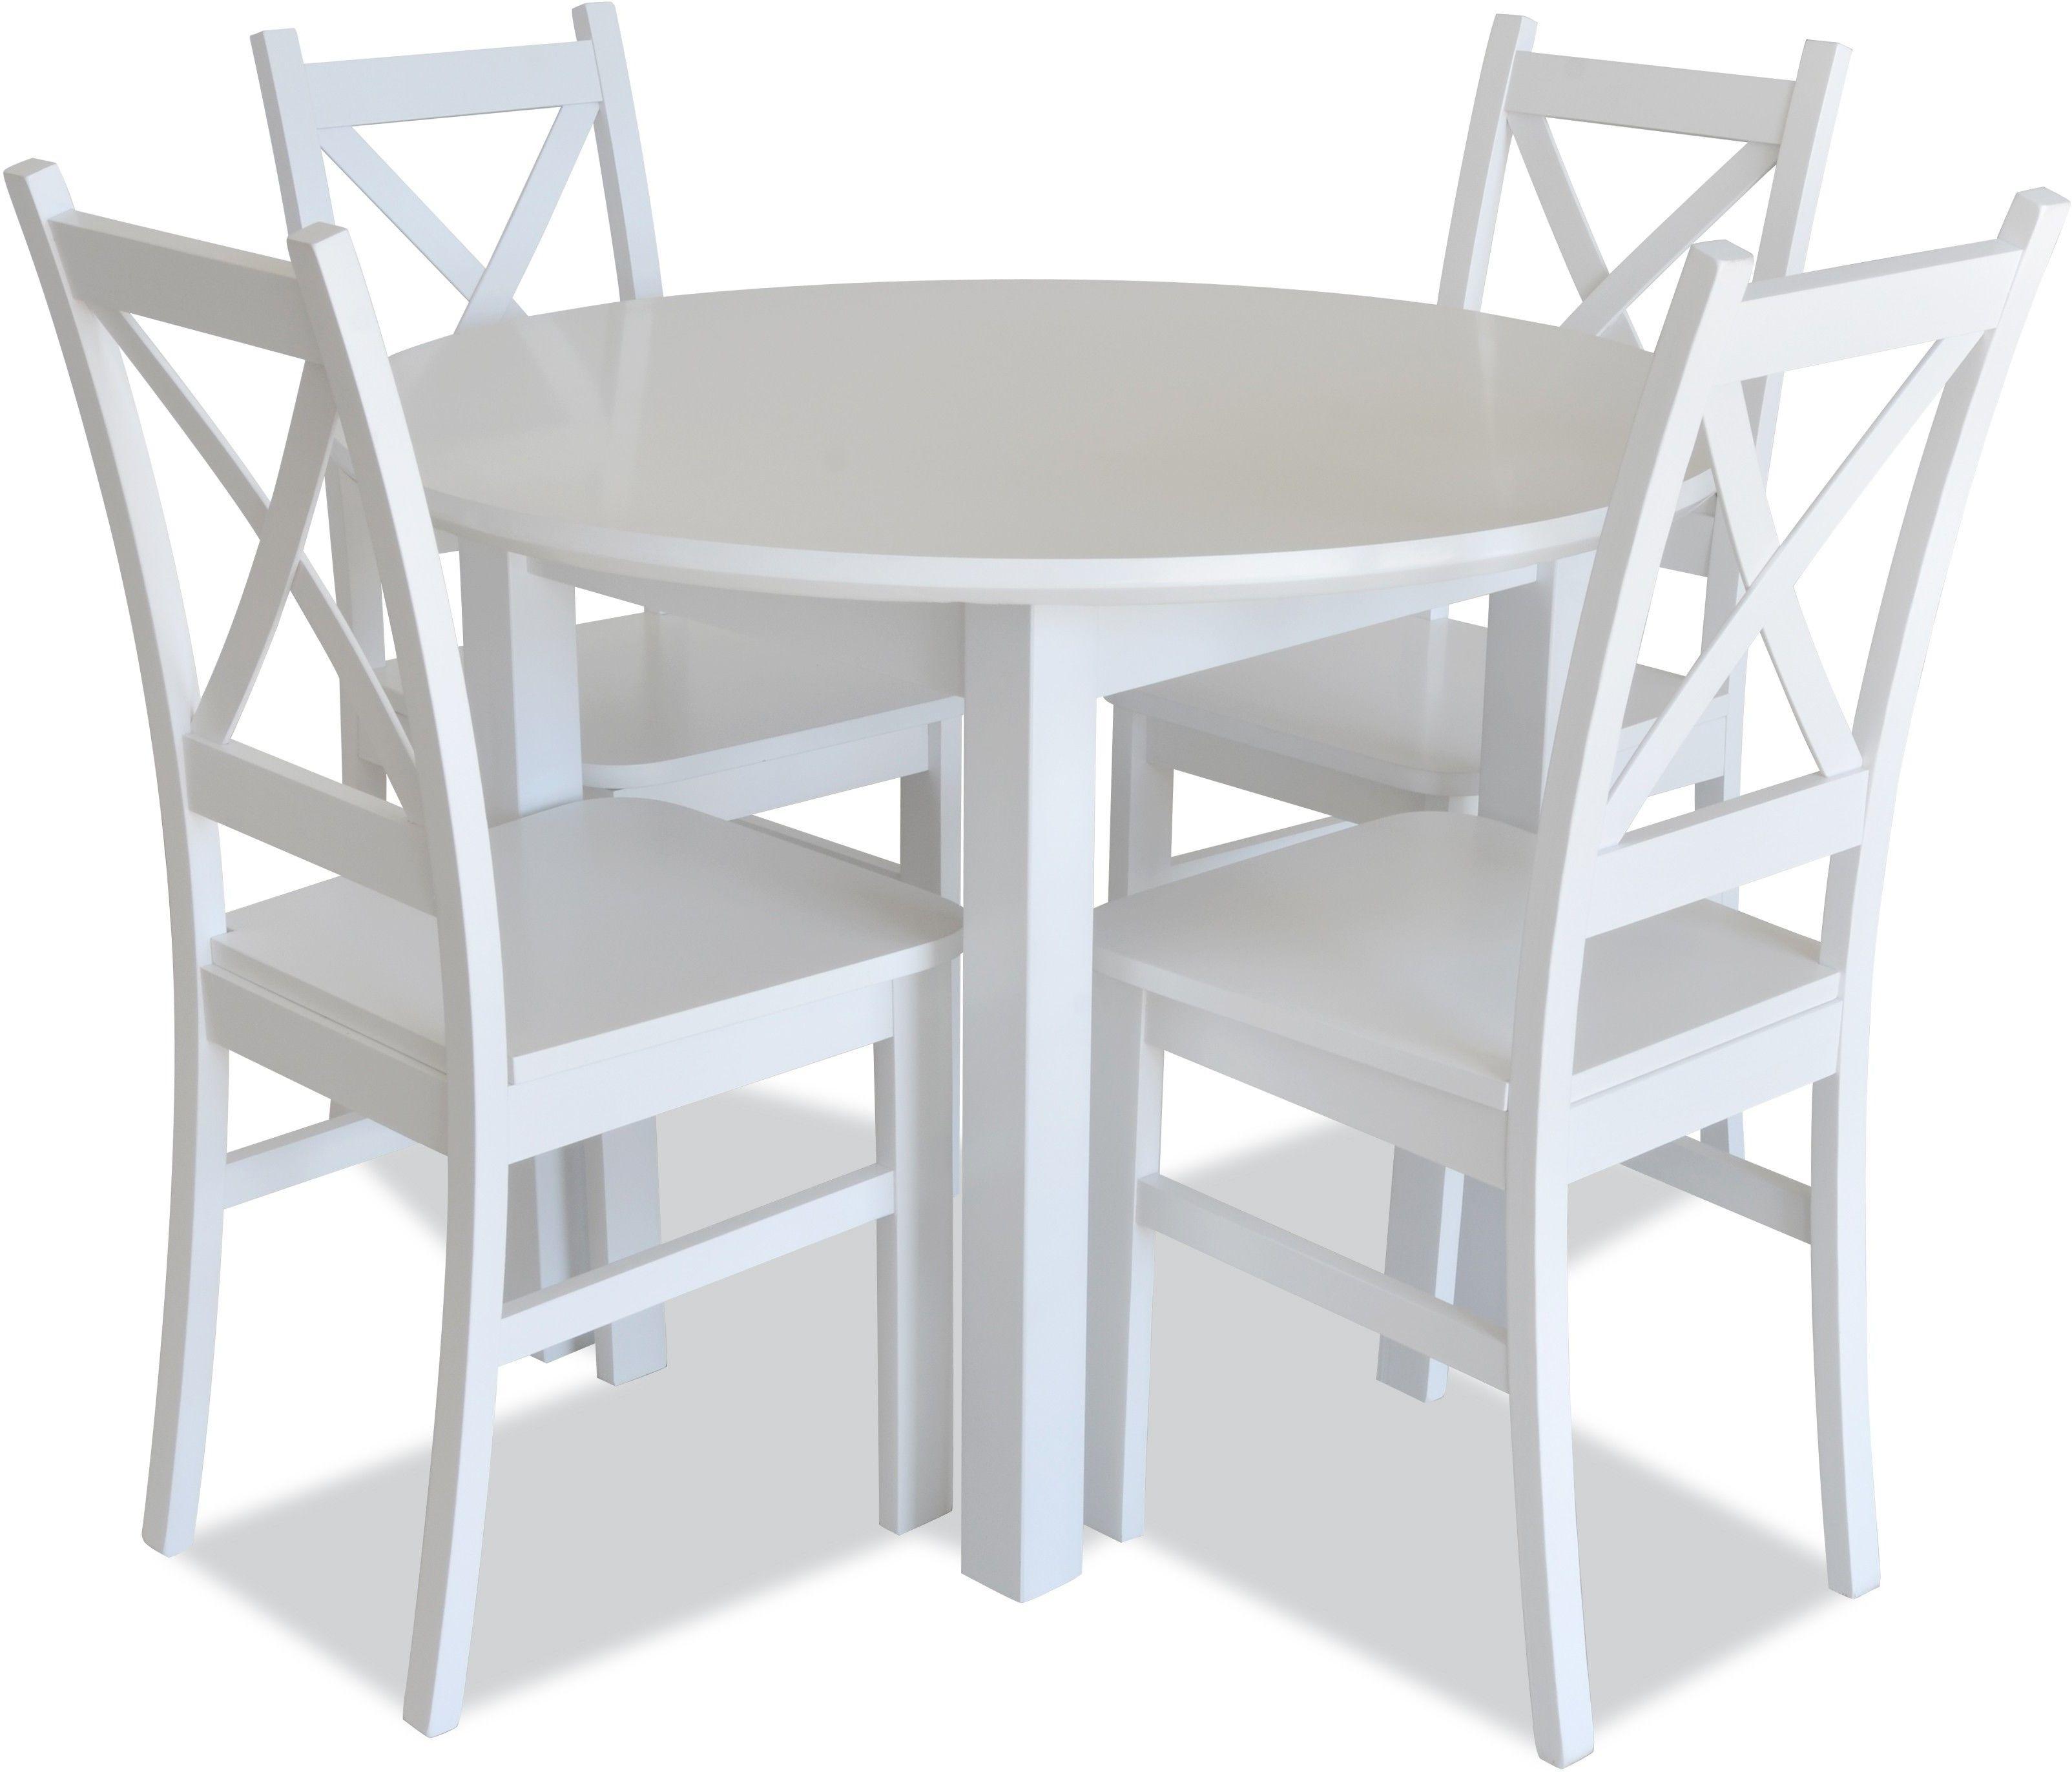 Zestaw Z34 - stół i krzesła